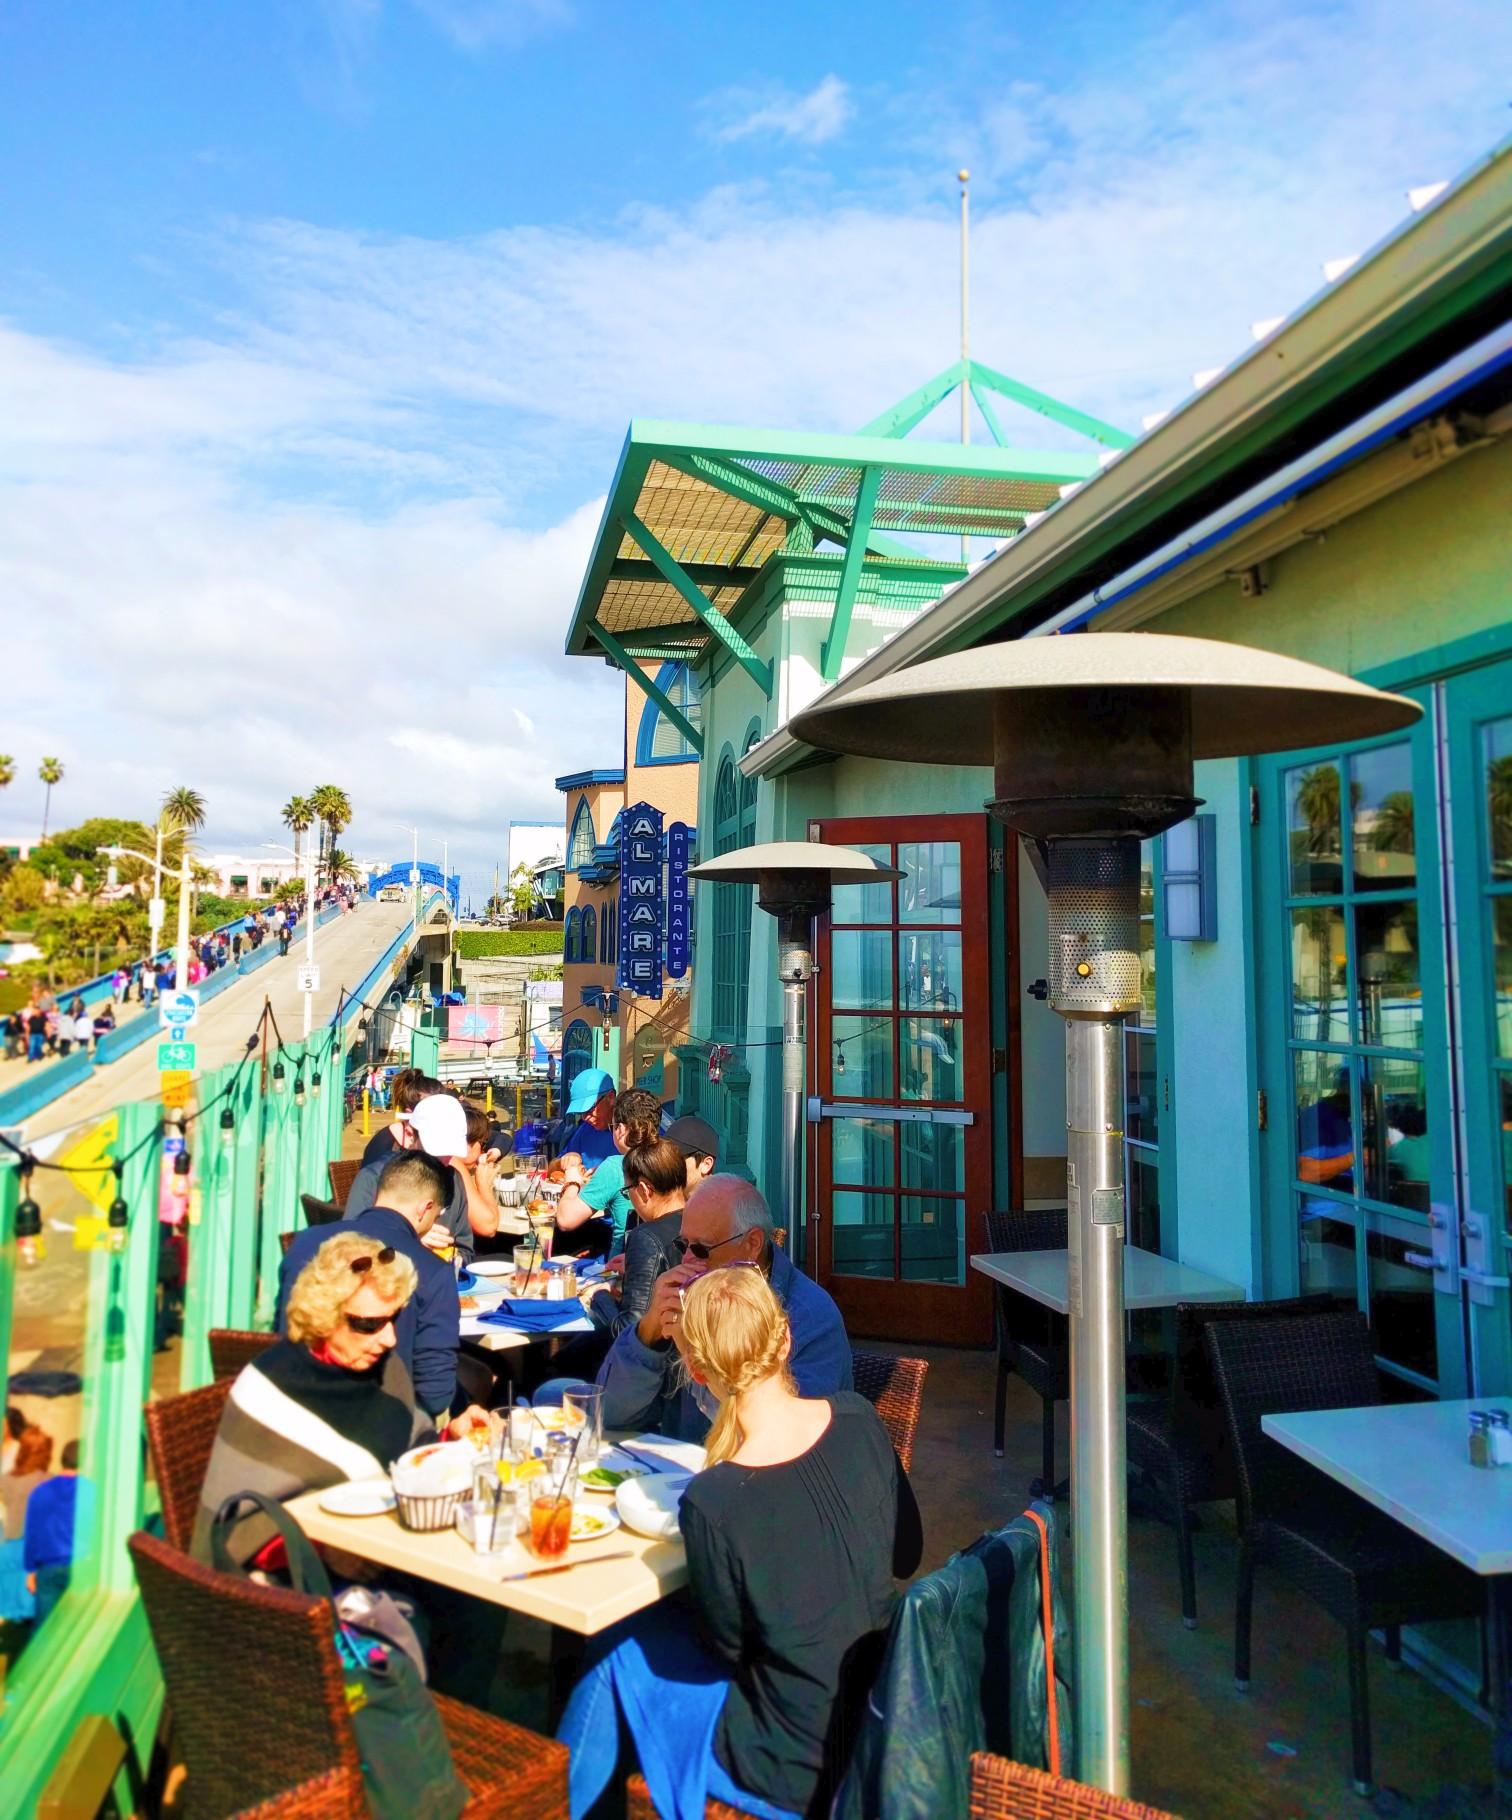 Ristorante Al Mar on Santa Monica Pier 2